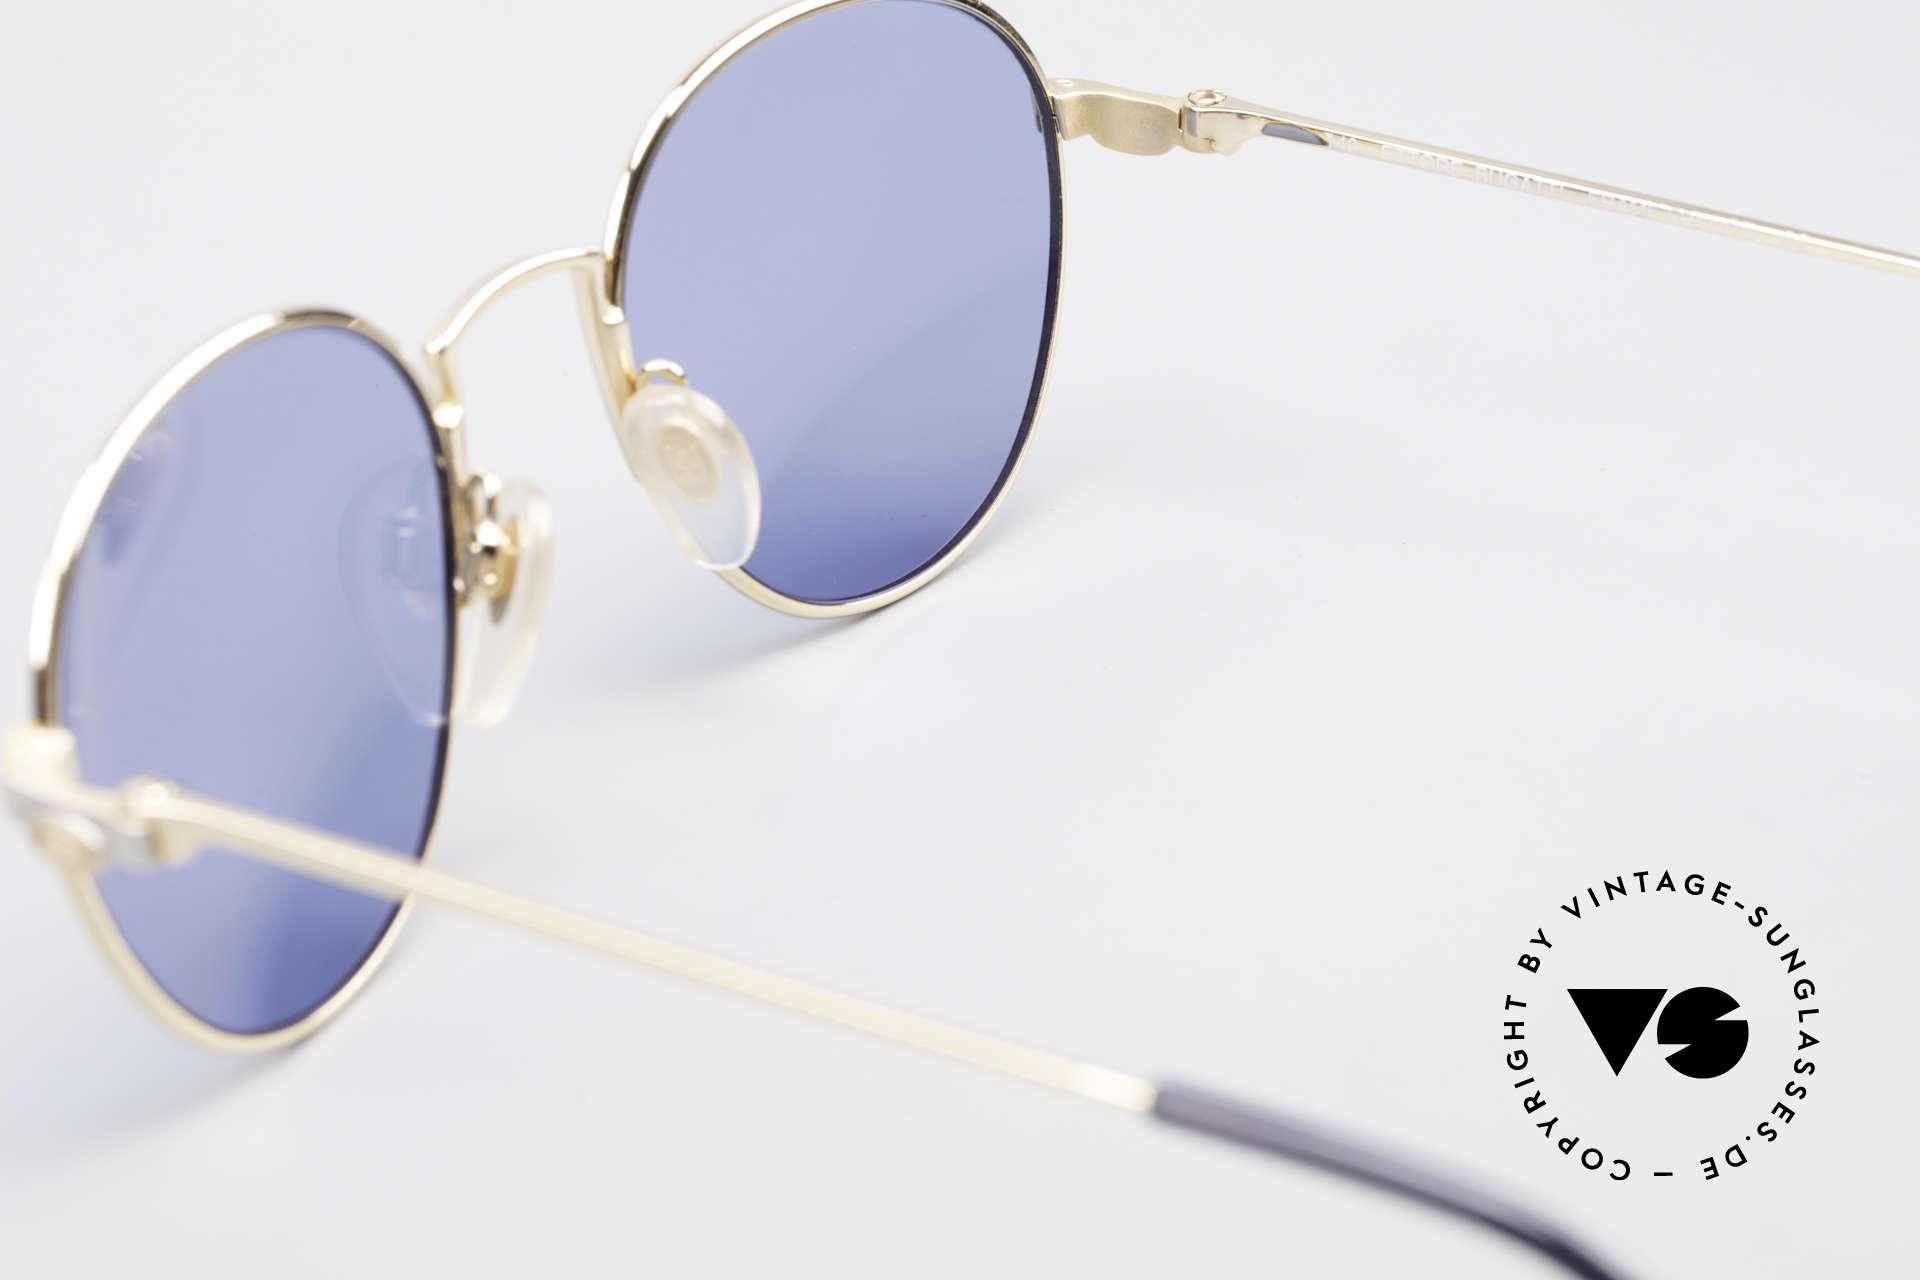 Bugatti EB600 Luxury Bugatti Panto Glasses, NO RETRO shades, but a precious old original; vertu!, Made for Men